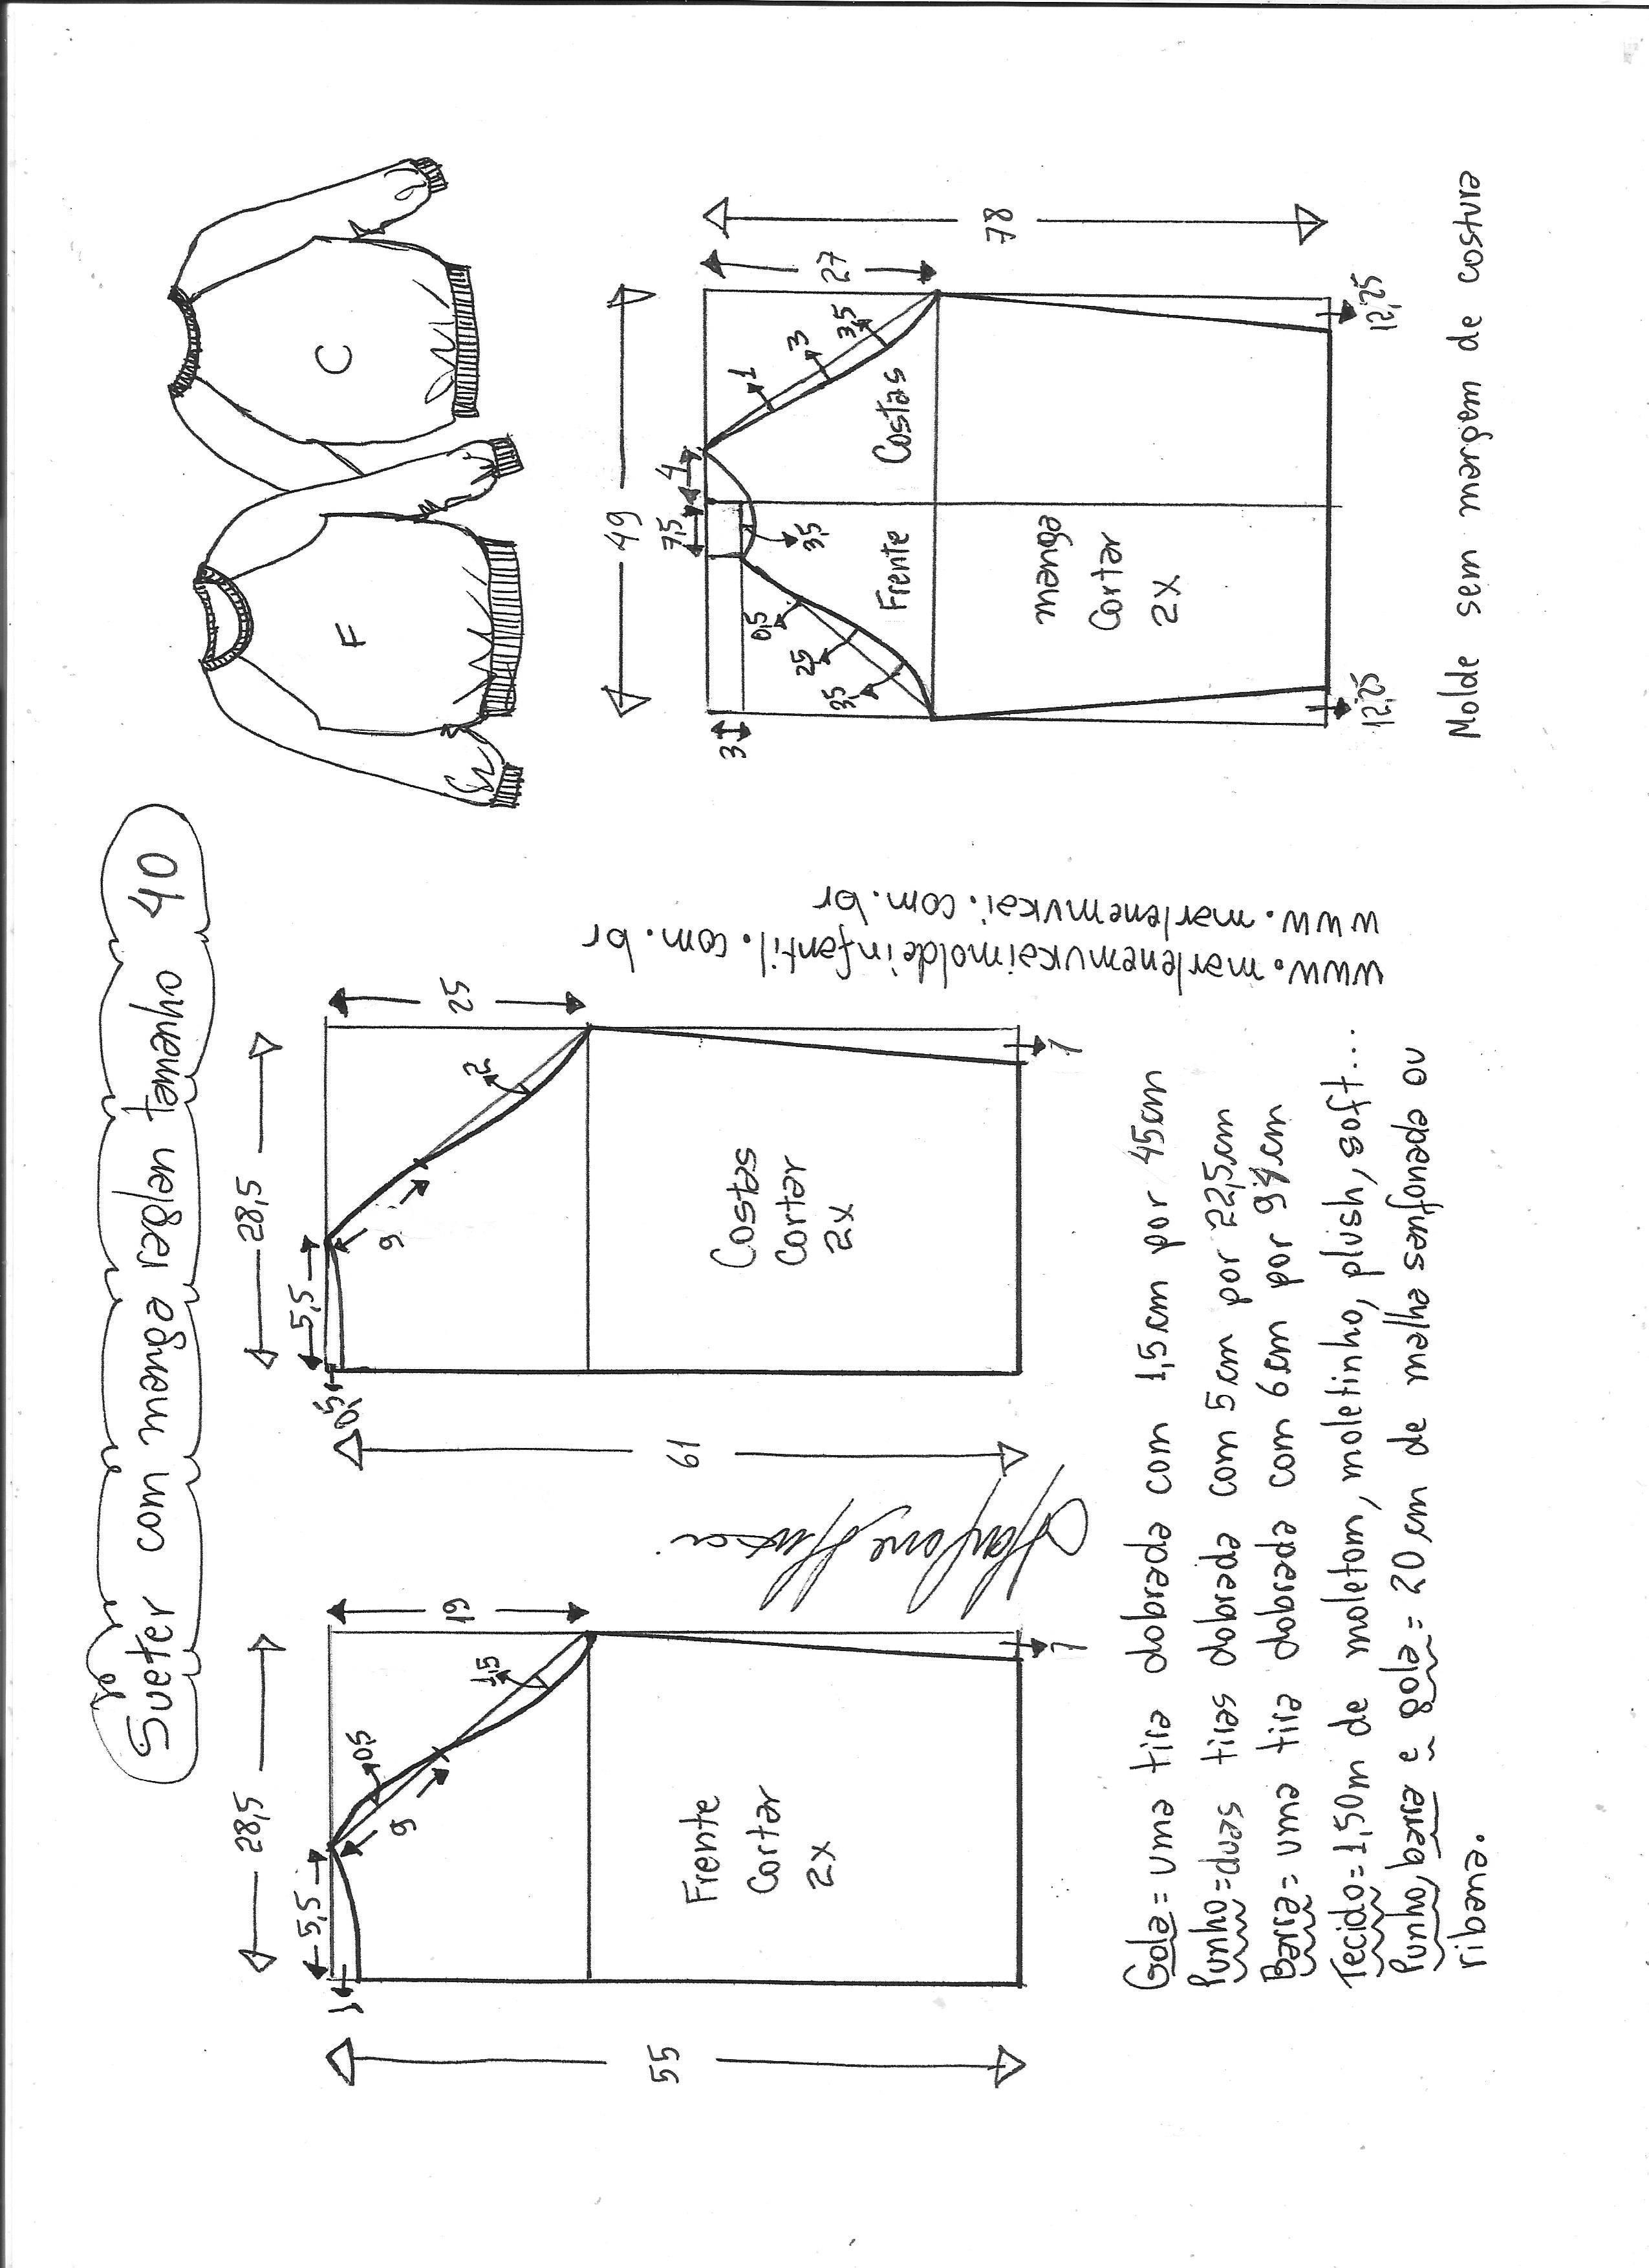 Blusa suéter raglan | Patrones, Costura y Molde